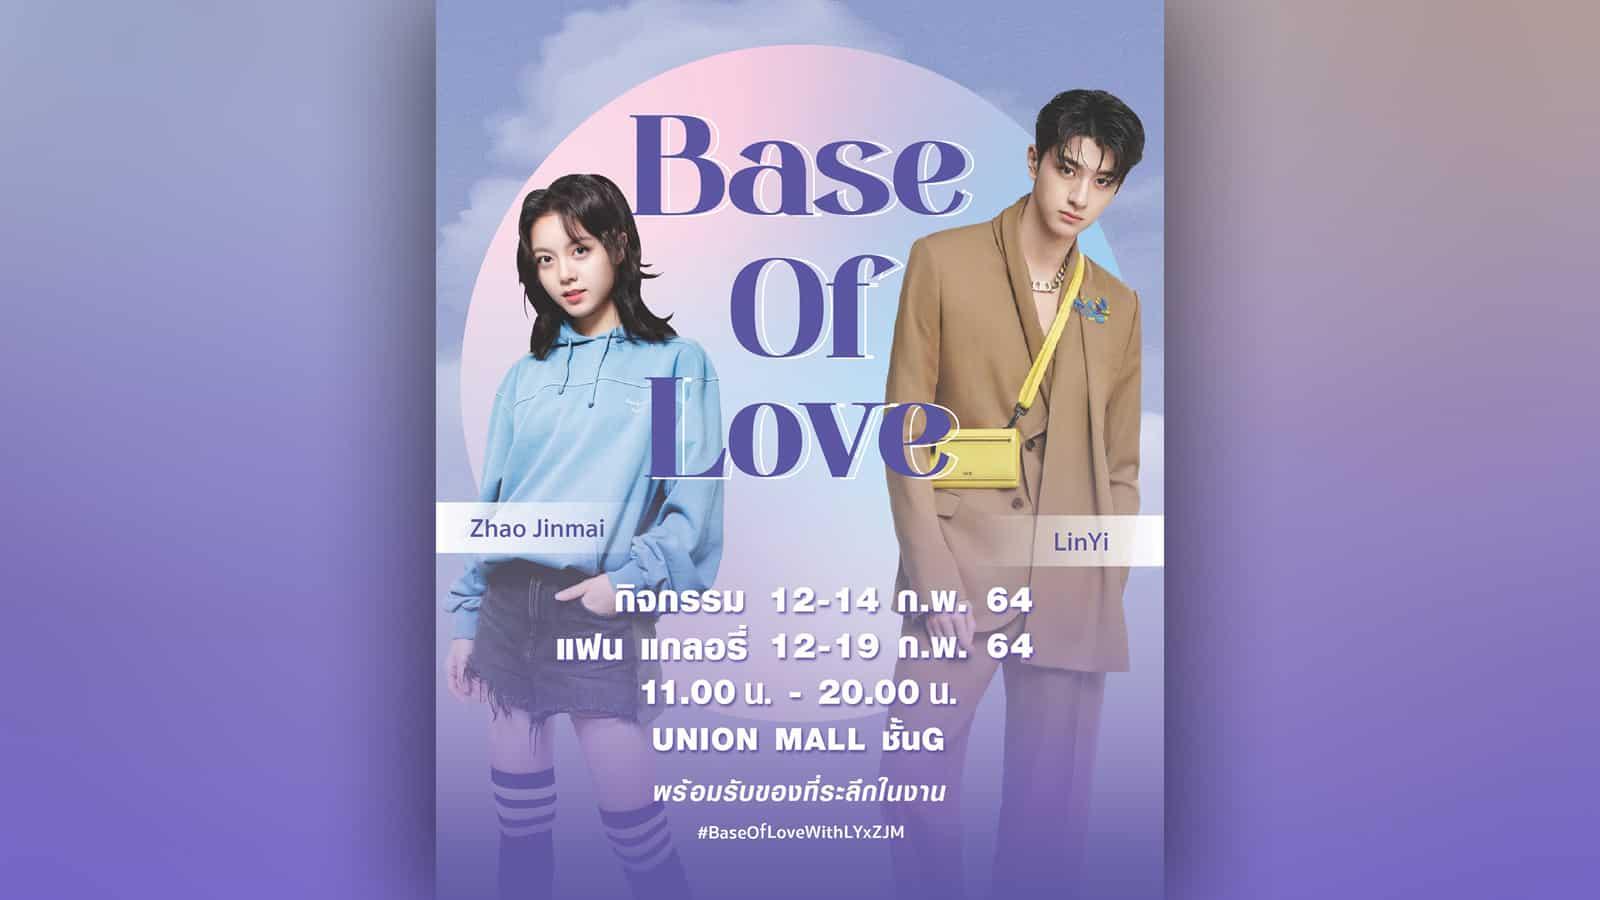 Base Of Love With Lin Yi x Zhao Jin Mai